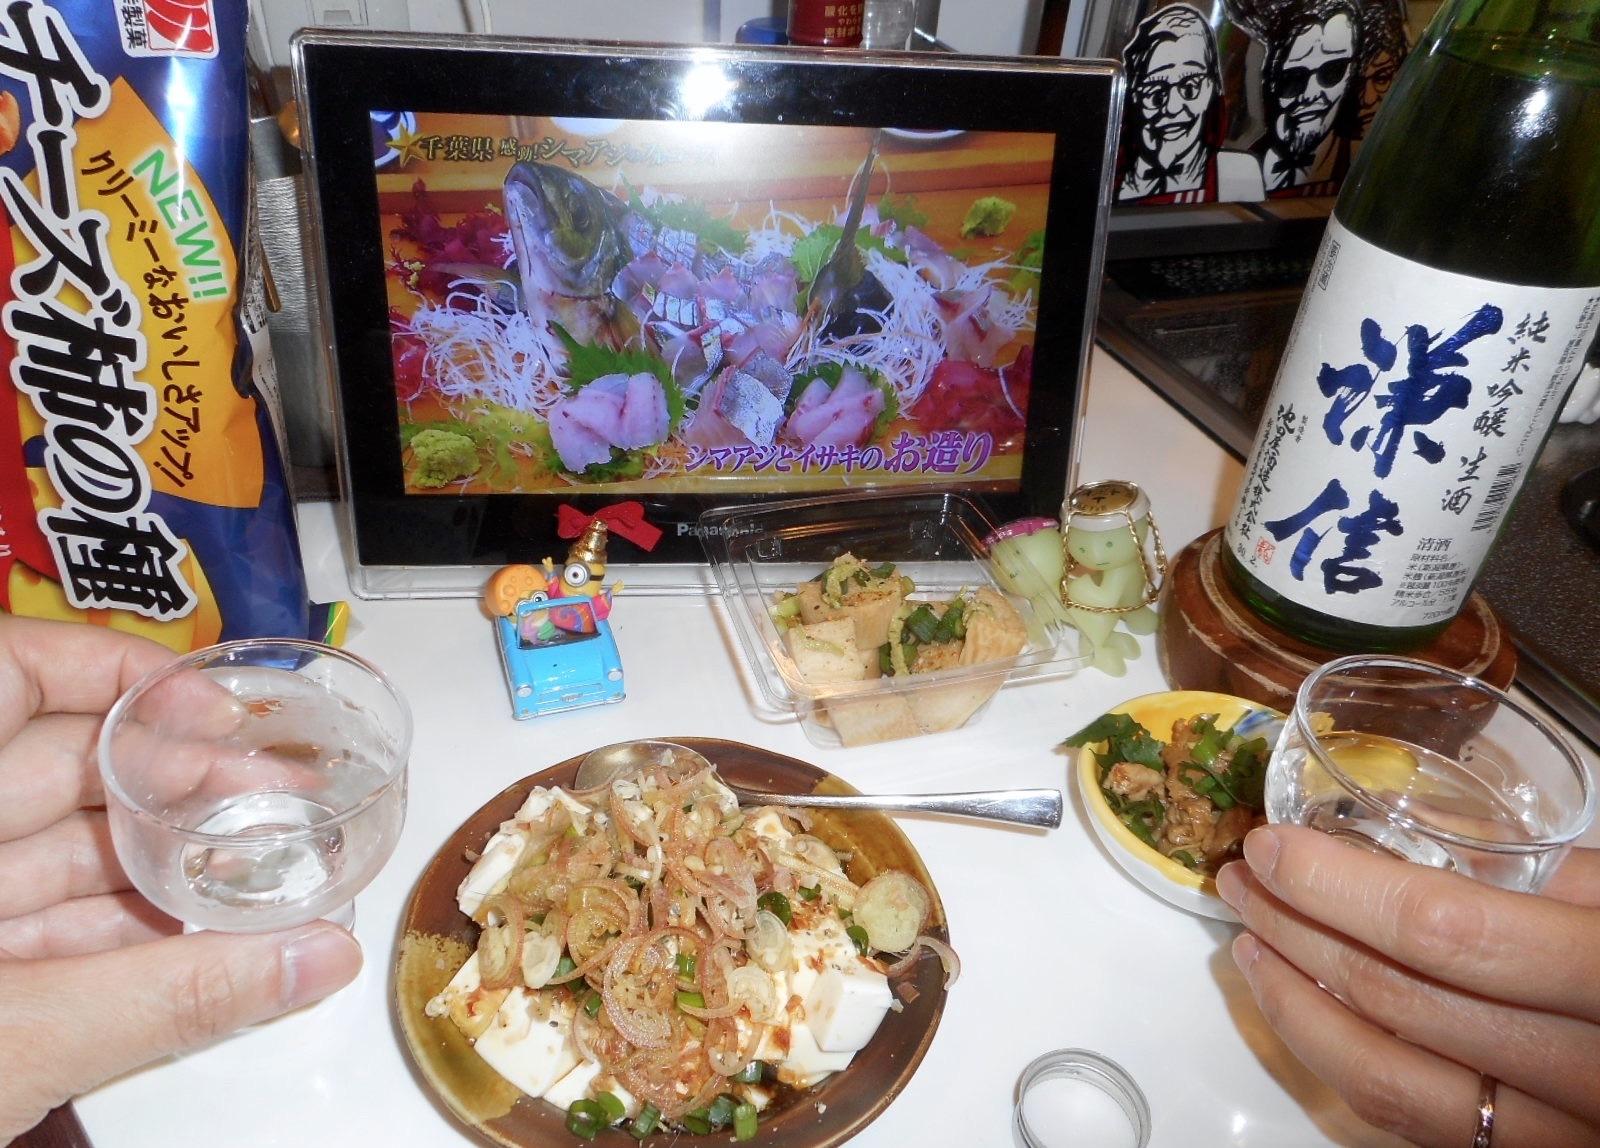 kenshin_koshitanrei55_29by3.jpg